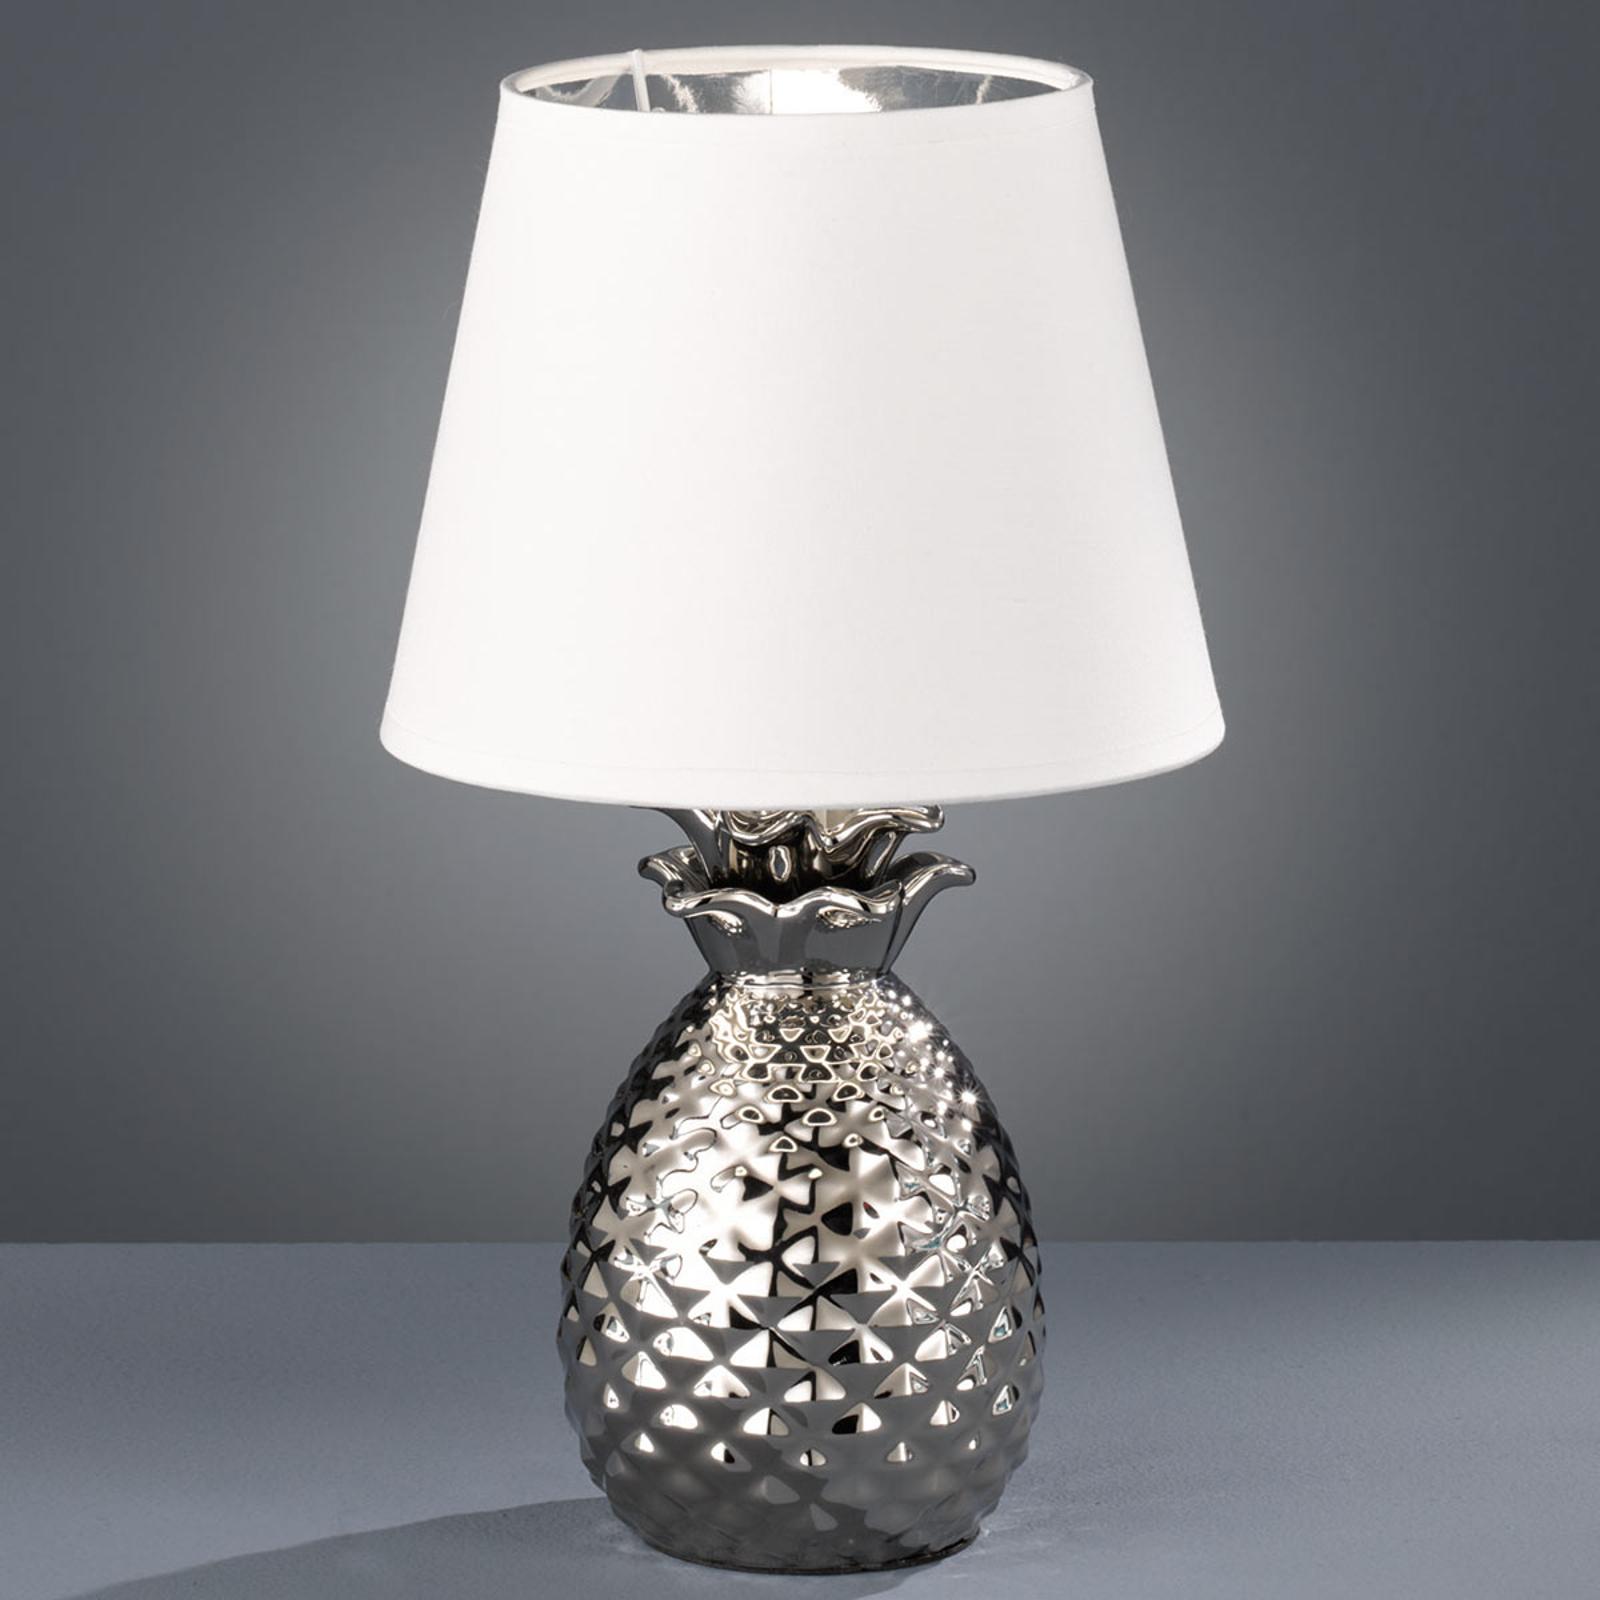 Ceramiczna lampa stołowa Pineapple, srebrna